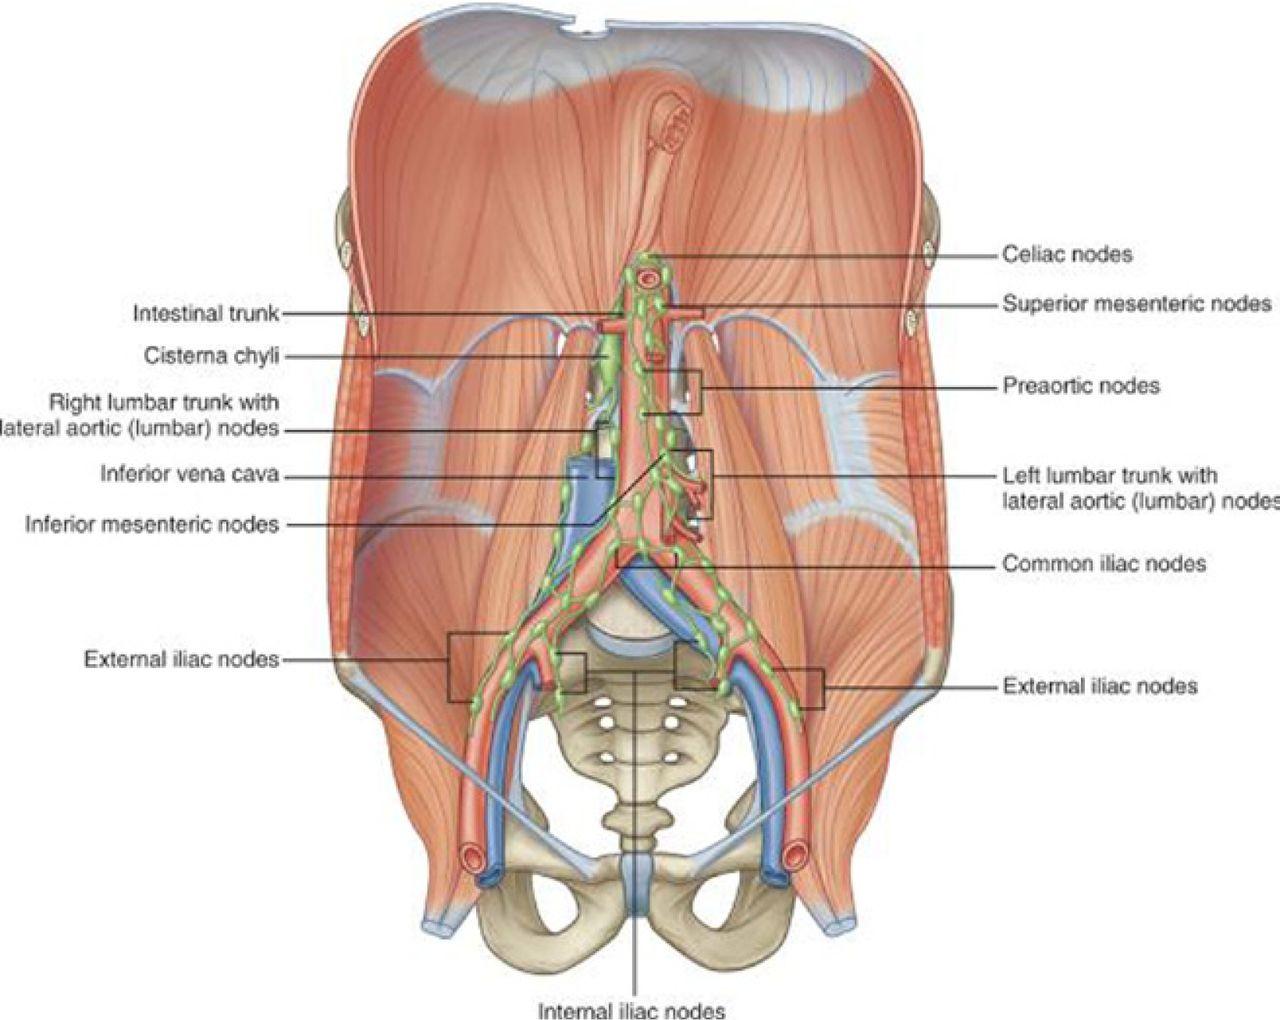 Retroperitoneal Lymphocele After Lumbar Total Disc Replacement A